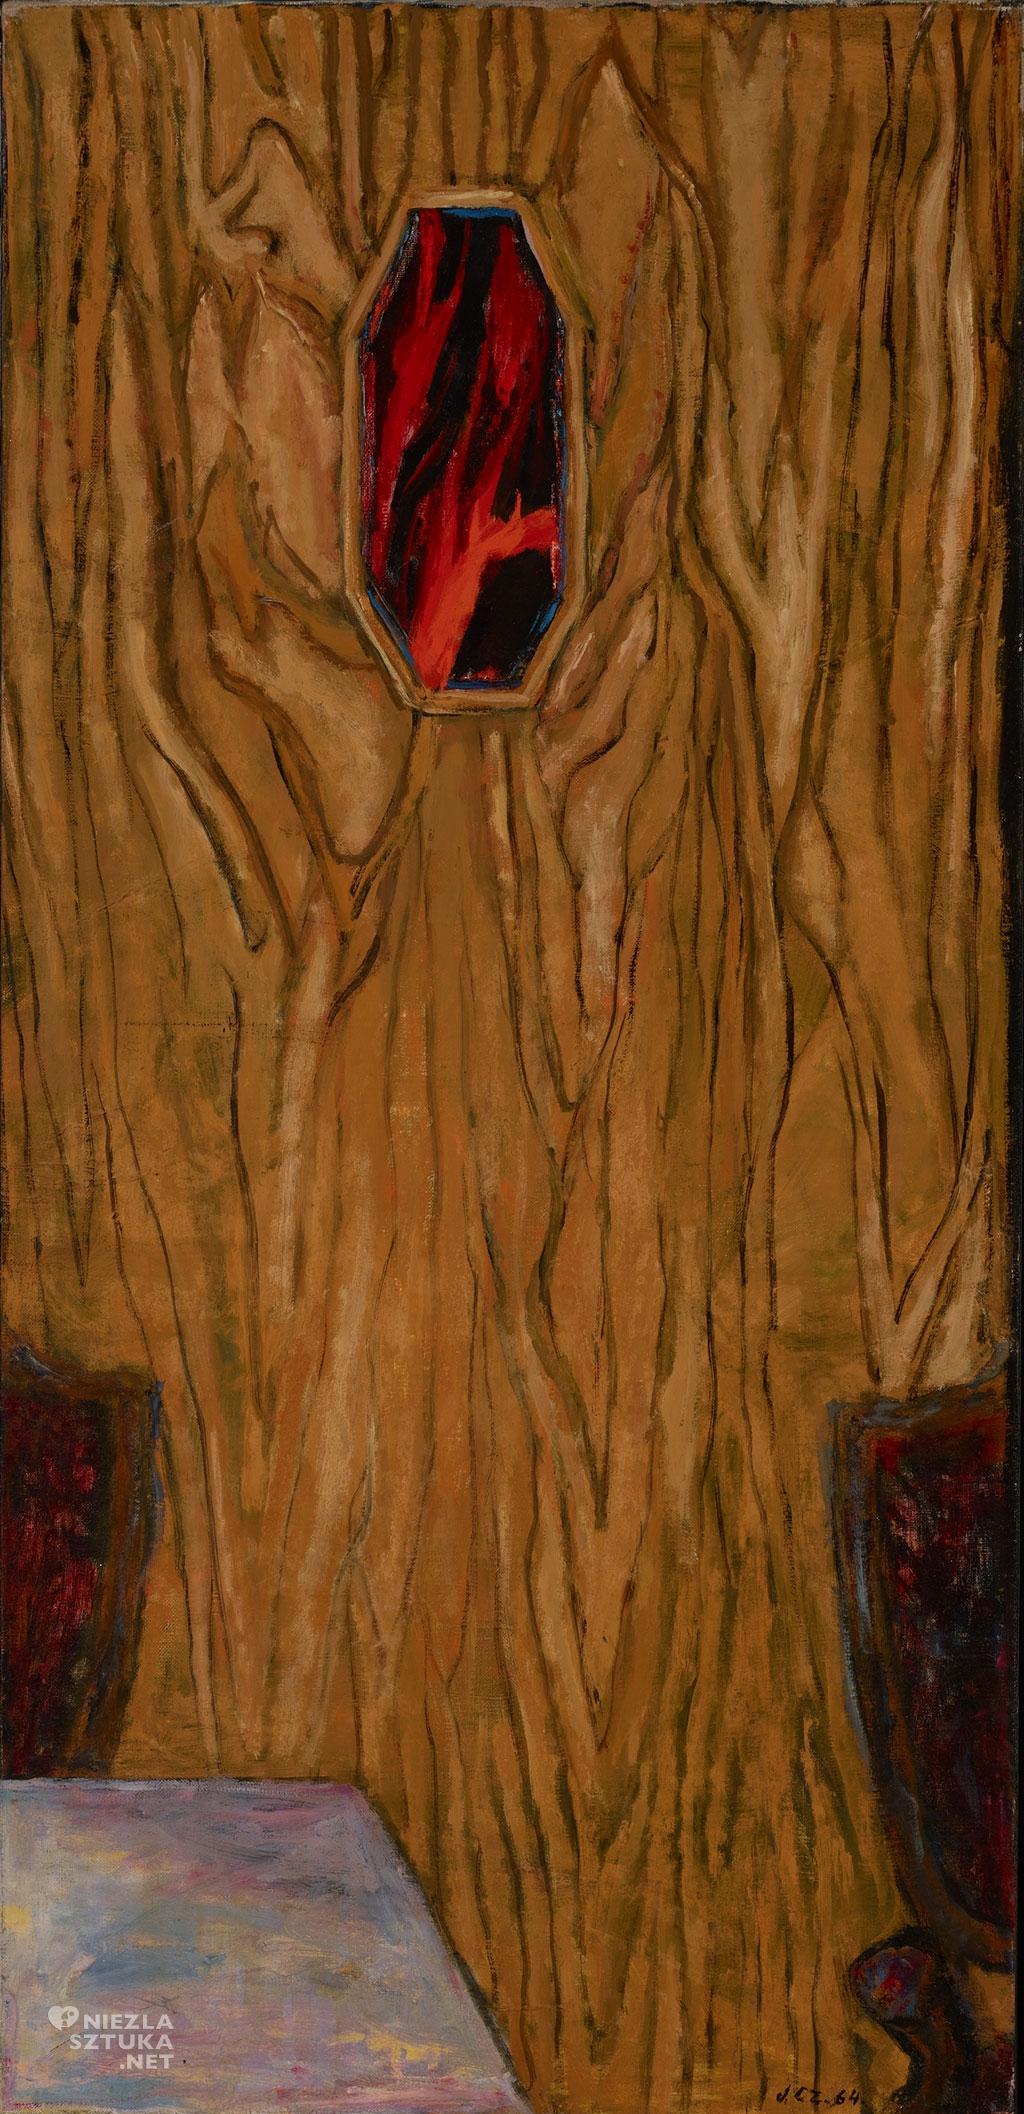 03-Lustro-na-drewnianych-drzwach,-1964